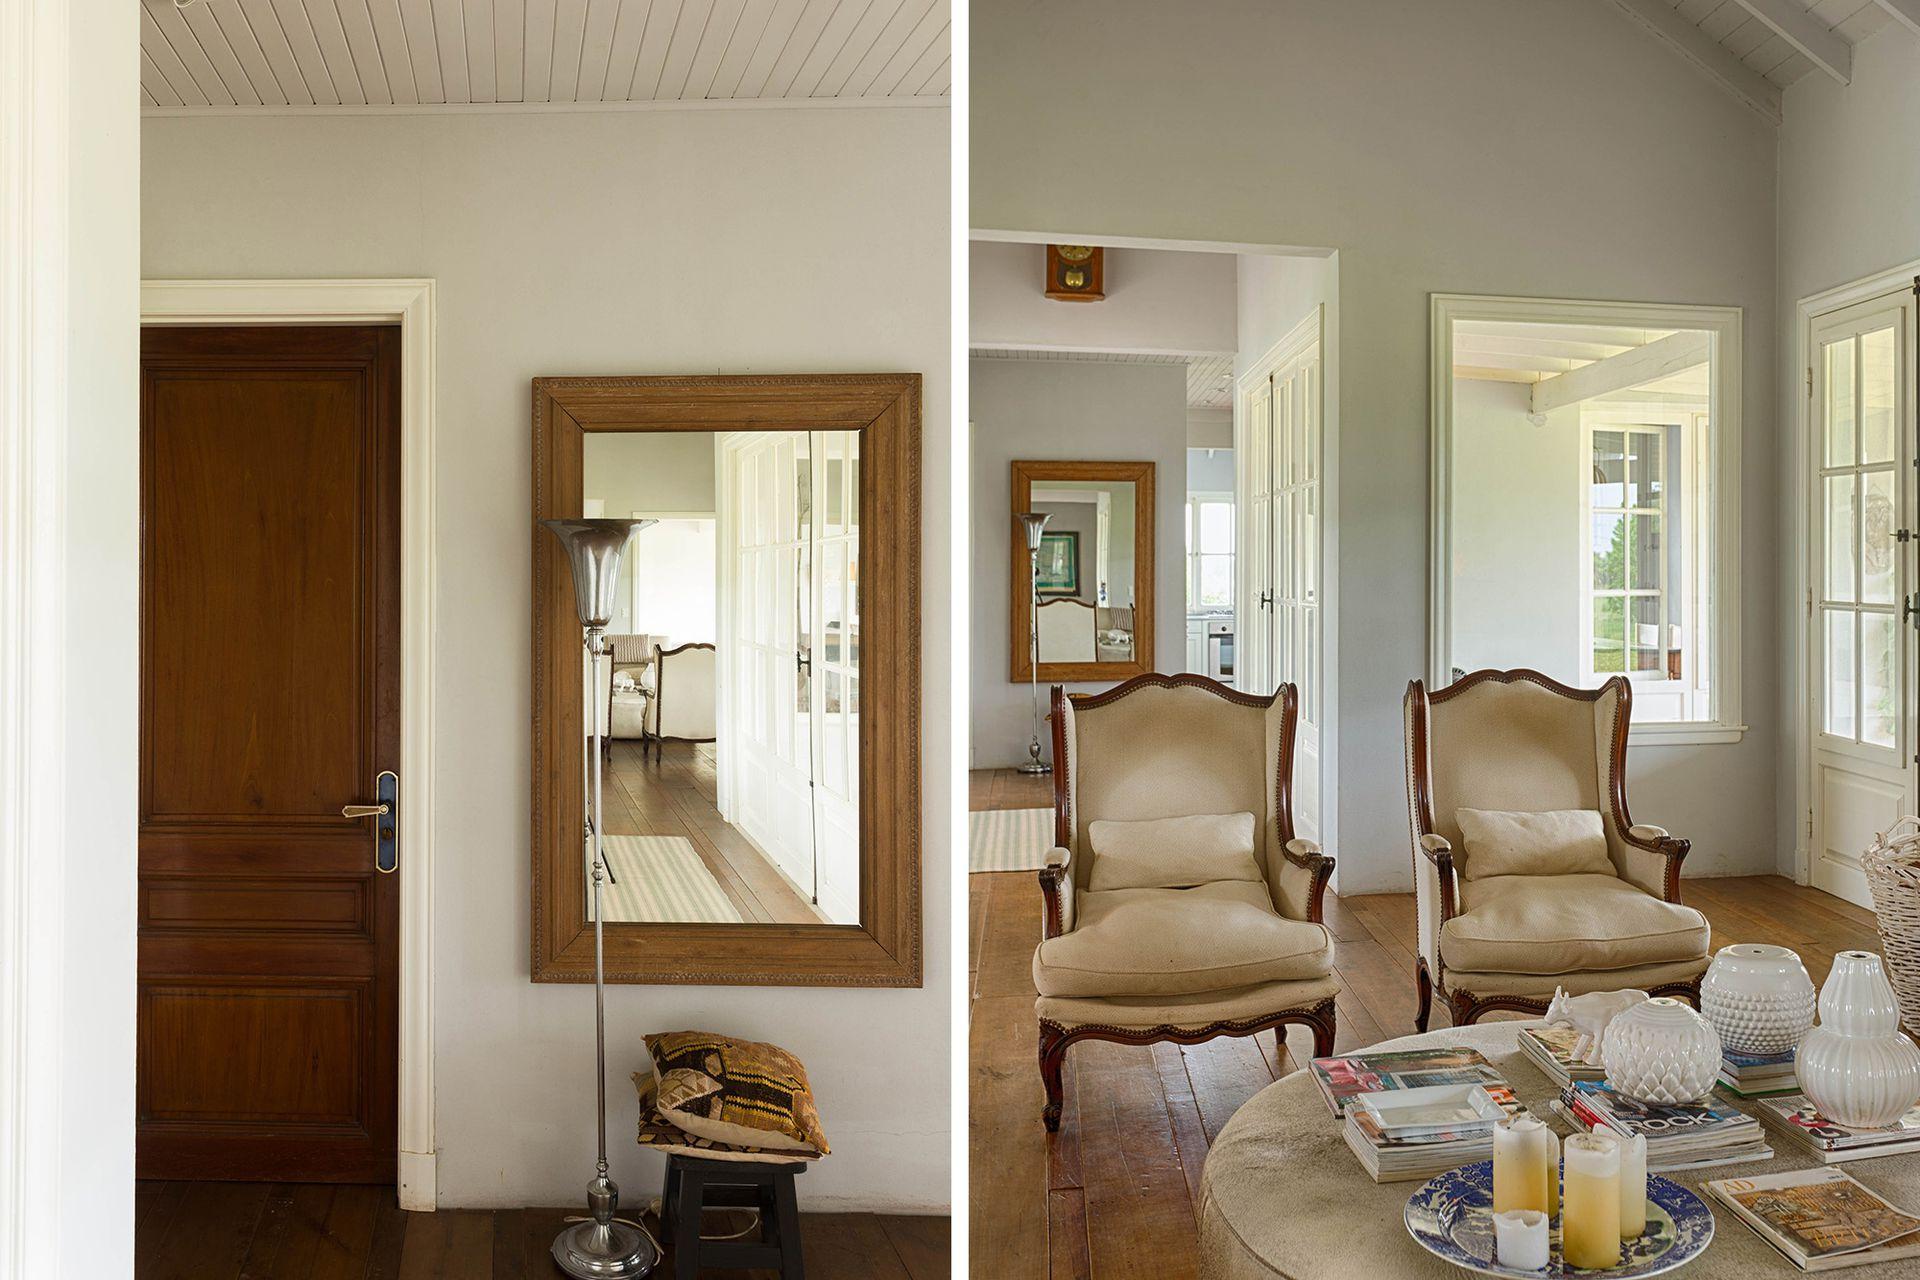 Los dos extremos del living están rematados por amplios pasillos que salen a las galerías y conducen a los otros volúmenes.